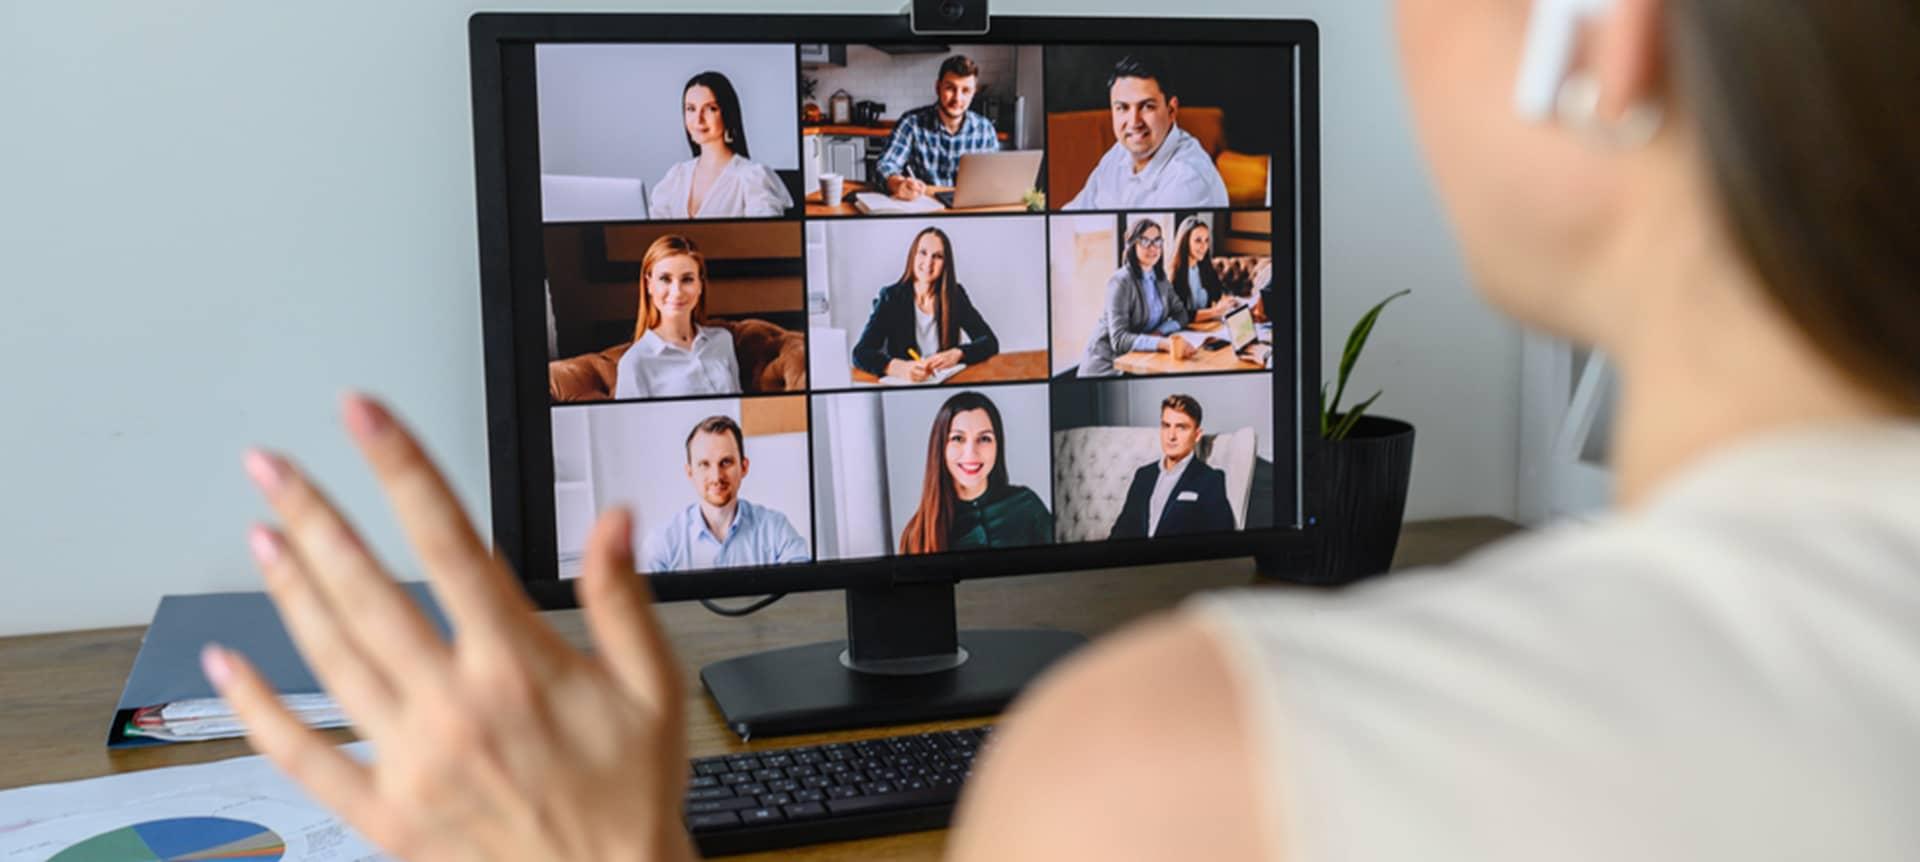 video assessment interviews